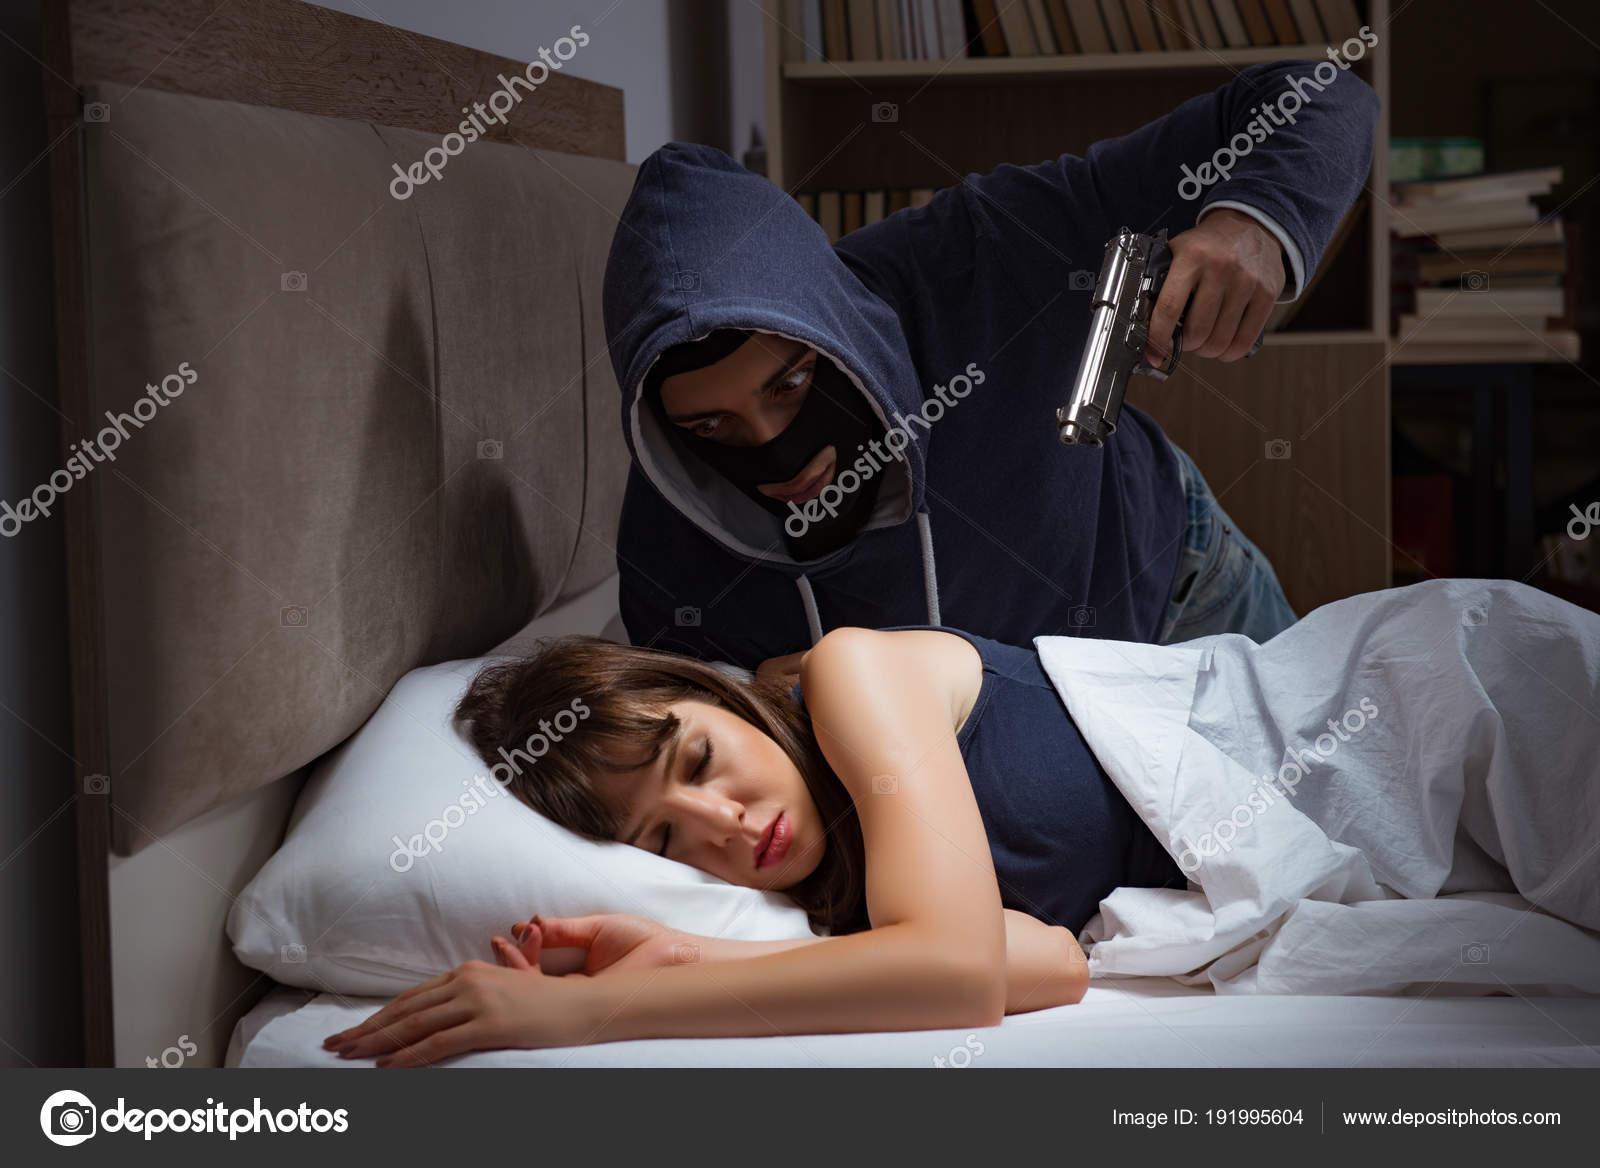 Einbrecher Brechen In Haus In Der Nacht Zum Schlafzimmer Mit